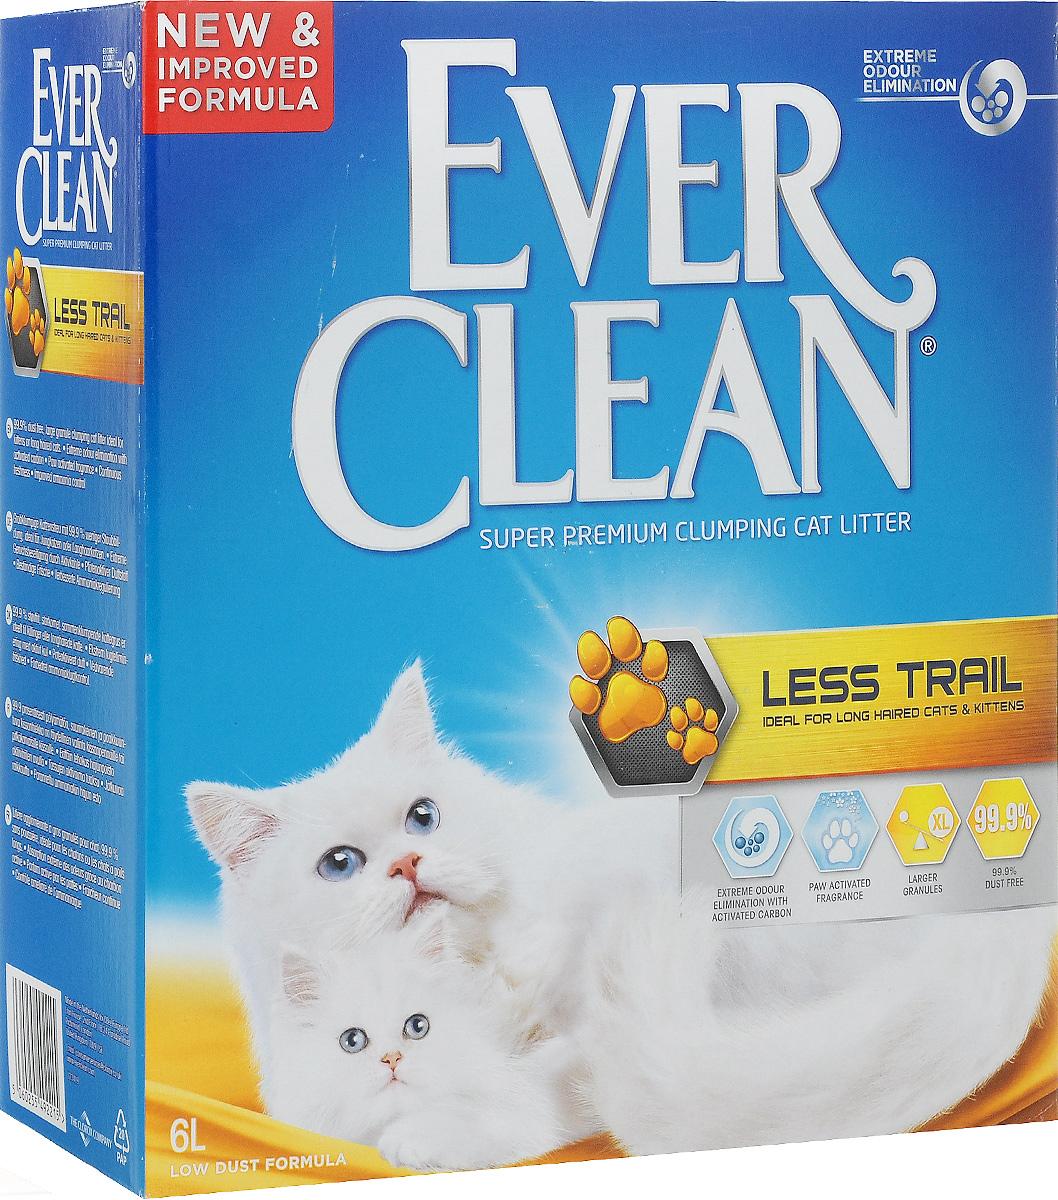 Наполнитель для кошачьего туалета Ever Clean Less Trail, комкующийся, для длинношерстных кошек, 6 л492215_Less TrailНаполнитель Ever Clean Less Trail - это элитная серия высококачественных комкующихся наполнителей с уникальными свойствами. Наполнитель состоит из специально обработанной и очищенной от пыли глины. Гранулы наполнителя обладают уникальными впитывающими свойствами и содержат активный компонент, который уничтожает запах, связанный с развитием микробов. В ядро каждой гранулы помещен специальным образом обработанный активированный уголь для максимального контроля запахов. Гранулы наполнителя не только отлично впитывают, но и образуют крепкие трудноразбиваемые комки. Благодаря крупным гранулам, он меньше разбрасывается по сторонам и не прилипает к шерсти, идеально подходит для длинношерстных кошек. Состав: глина, активированный уголь. Объем: 6 л.